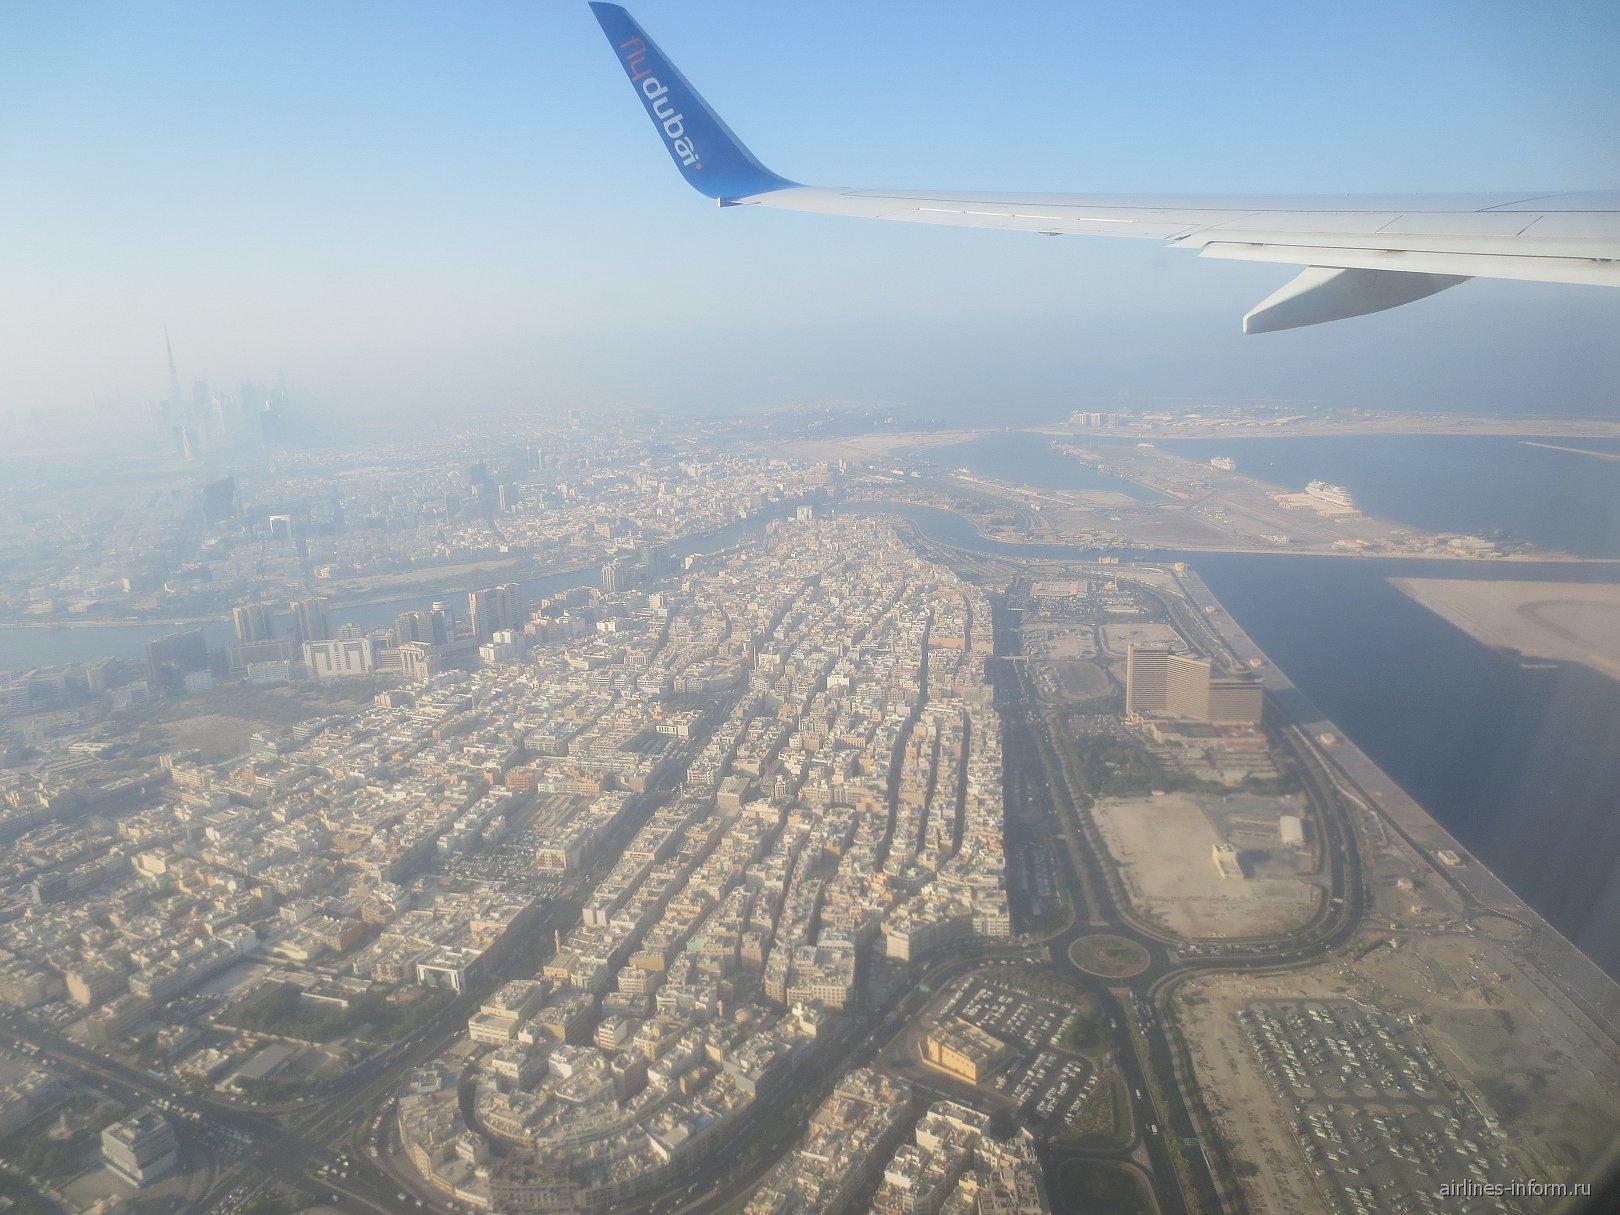 Вылет из аэропорта Дубай